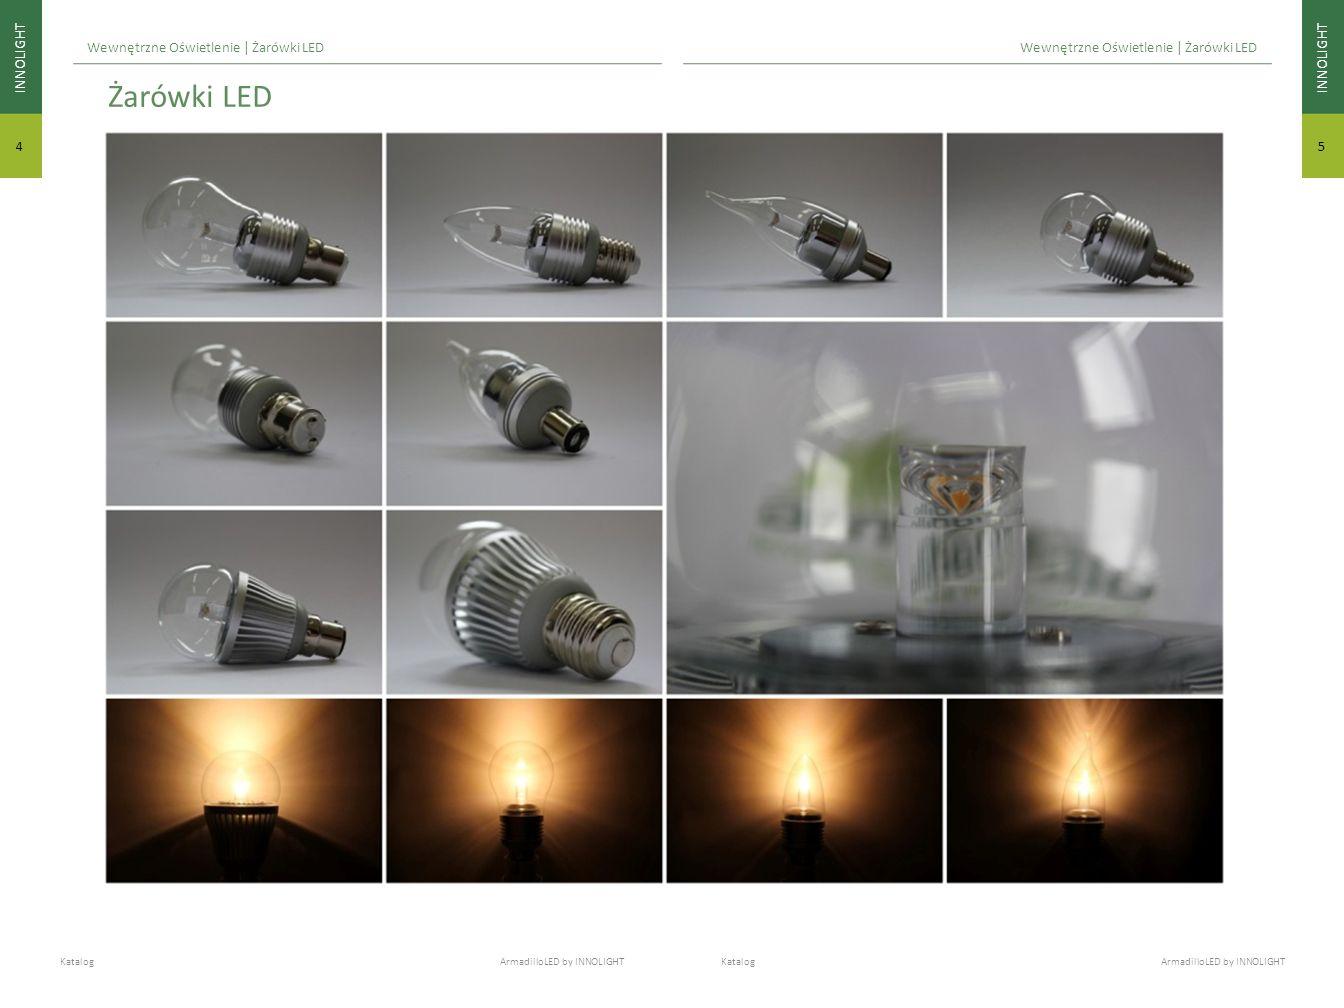 INNOLIGHT 5 4 Katalog ArmadilloLED by INNOLIGHT Wewnętrzne Oświetlenie | Żarówki LED Żarówki LED